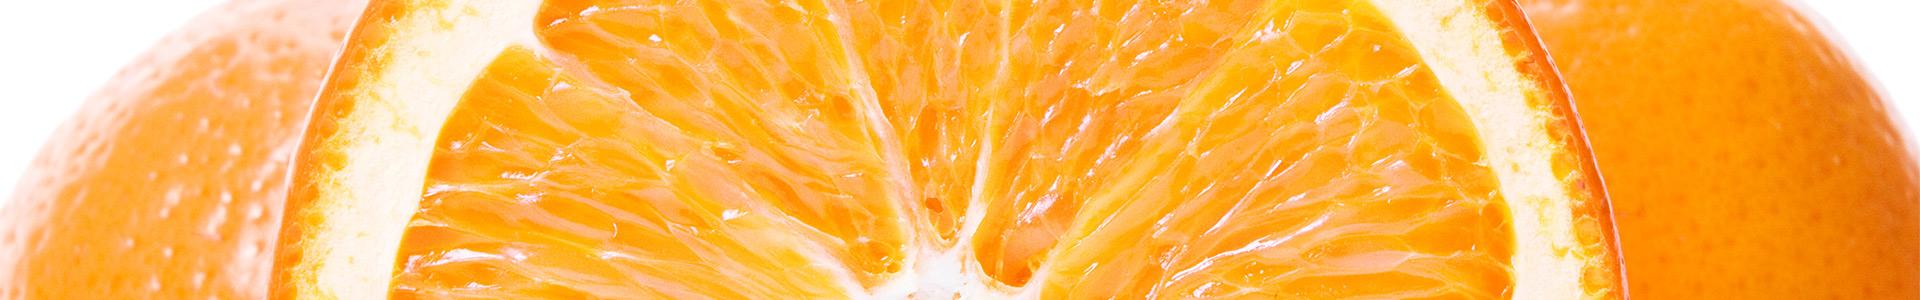 Repuestos y accesorios de nuestros exprimidores de naranjas